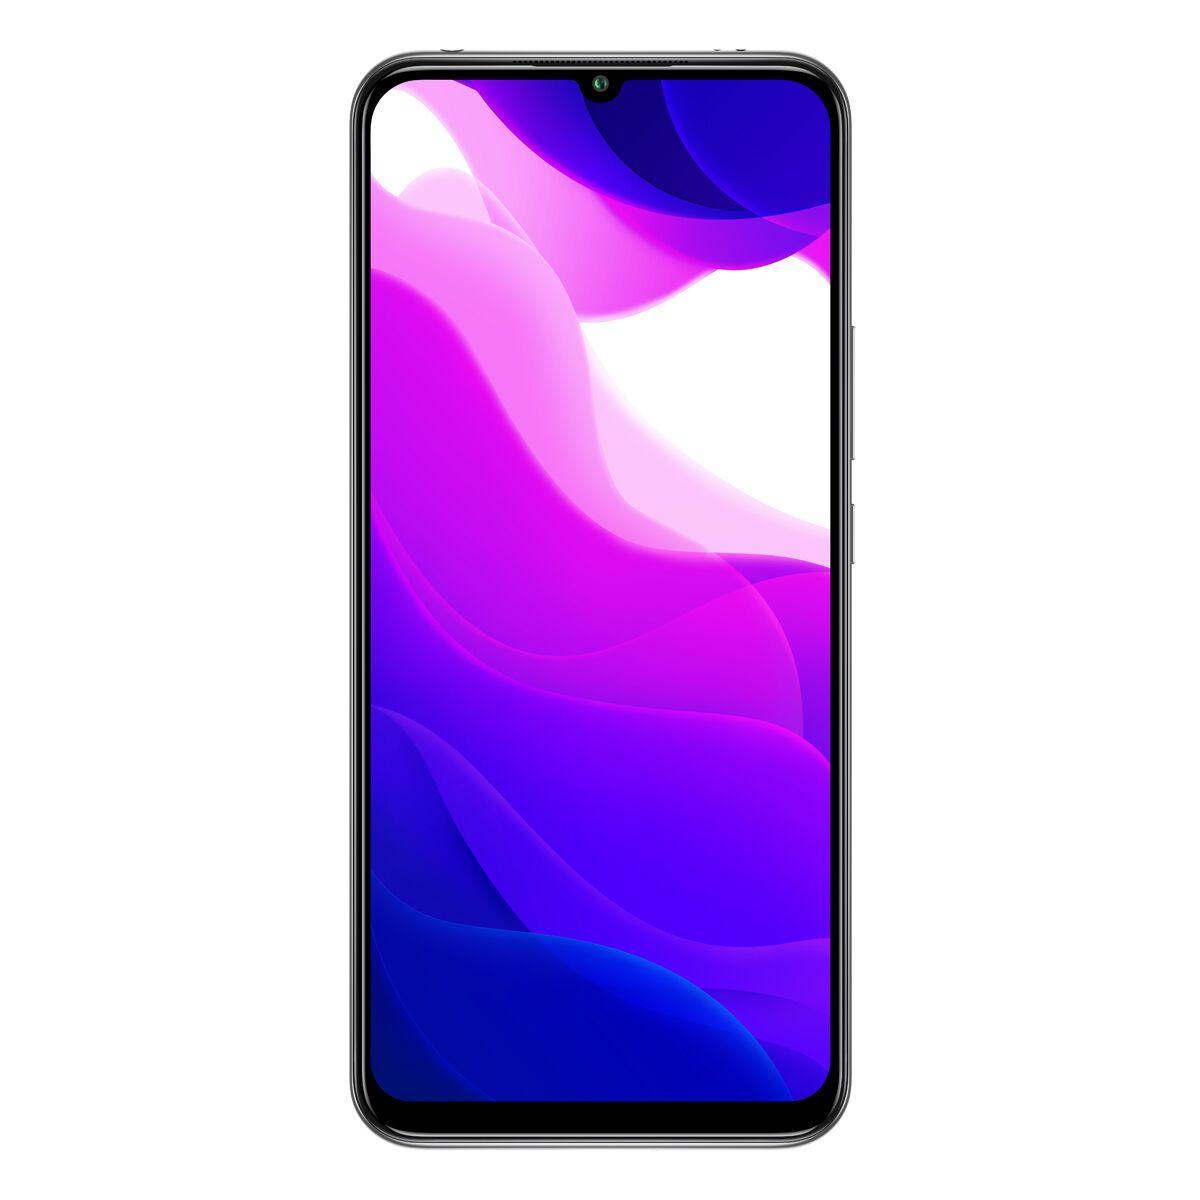 Xiaomi Mi 10 Lite 5G 128/6GB (FHD+ Amoled, 48MP Quad Kamera, Snapdragon 765G, NFC: Google Pay, 4160mAh Akku)